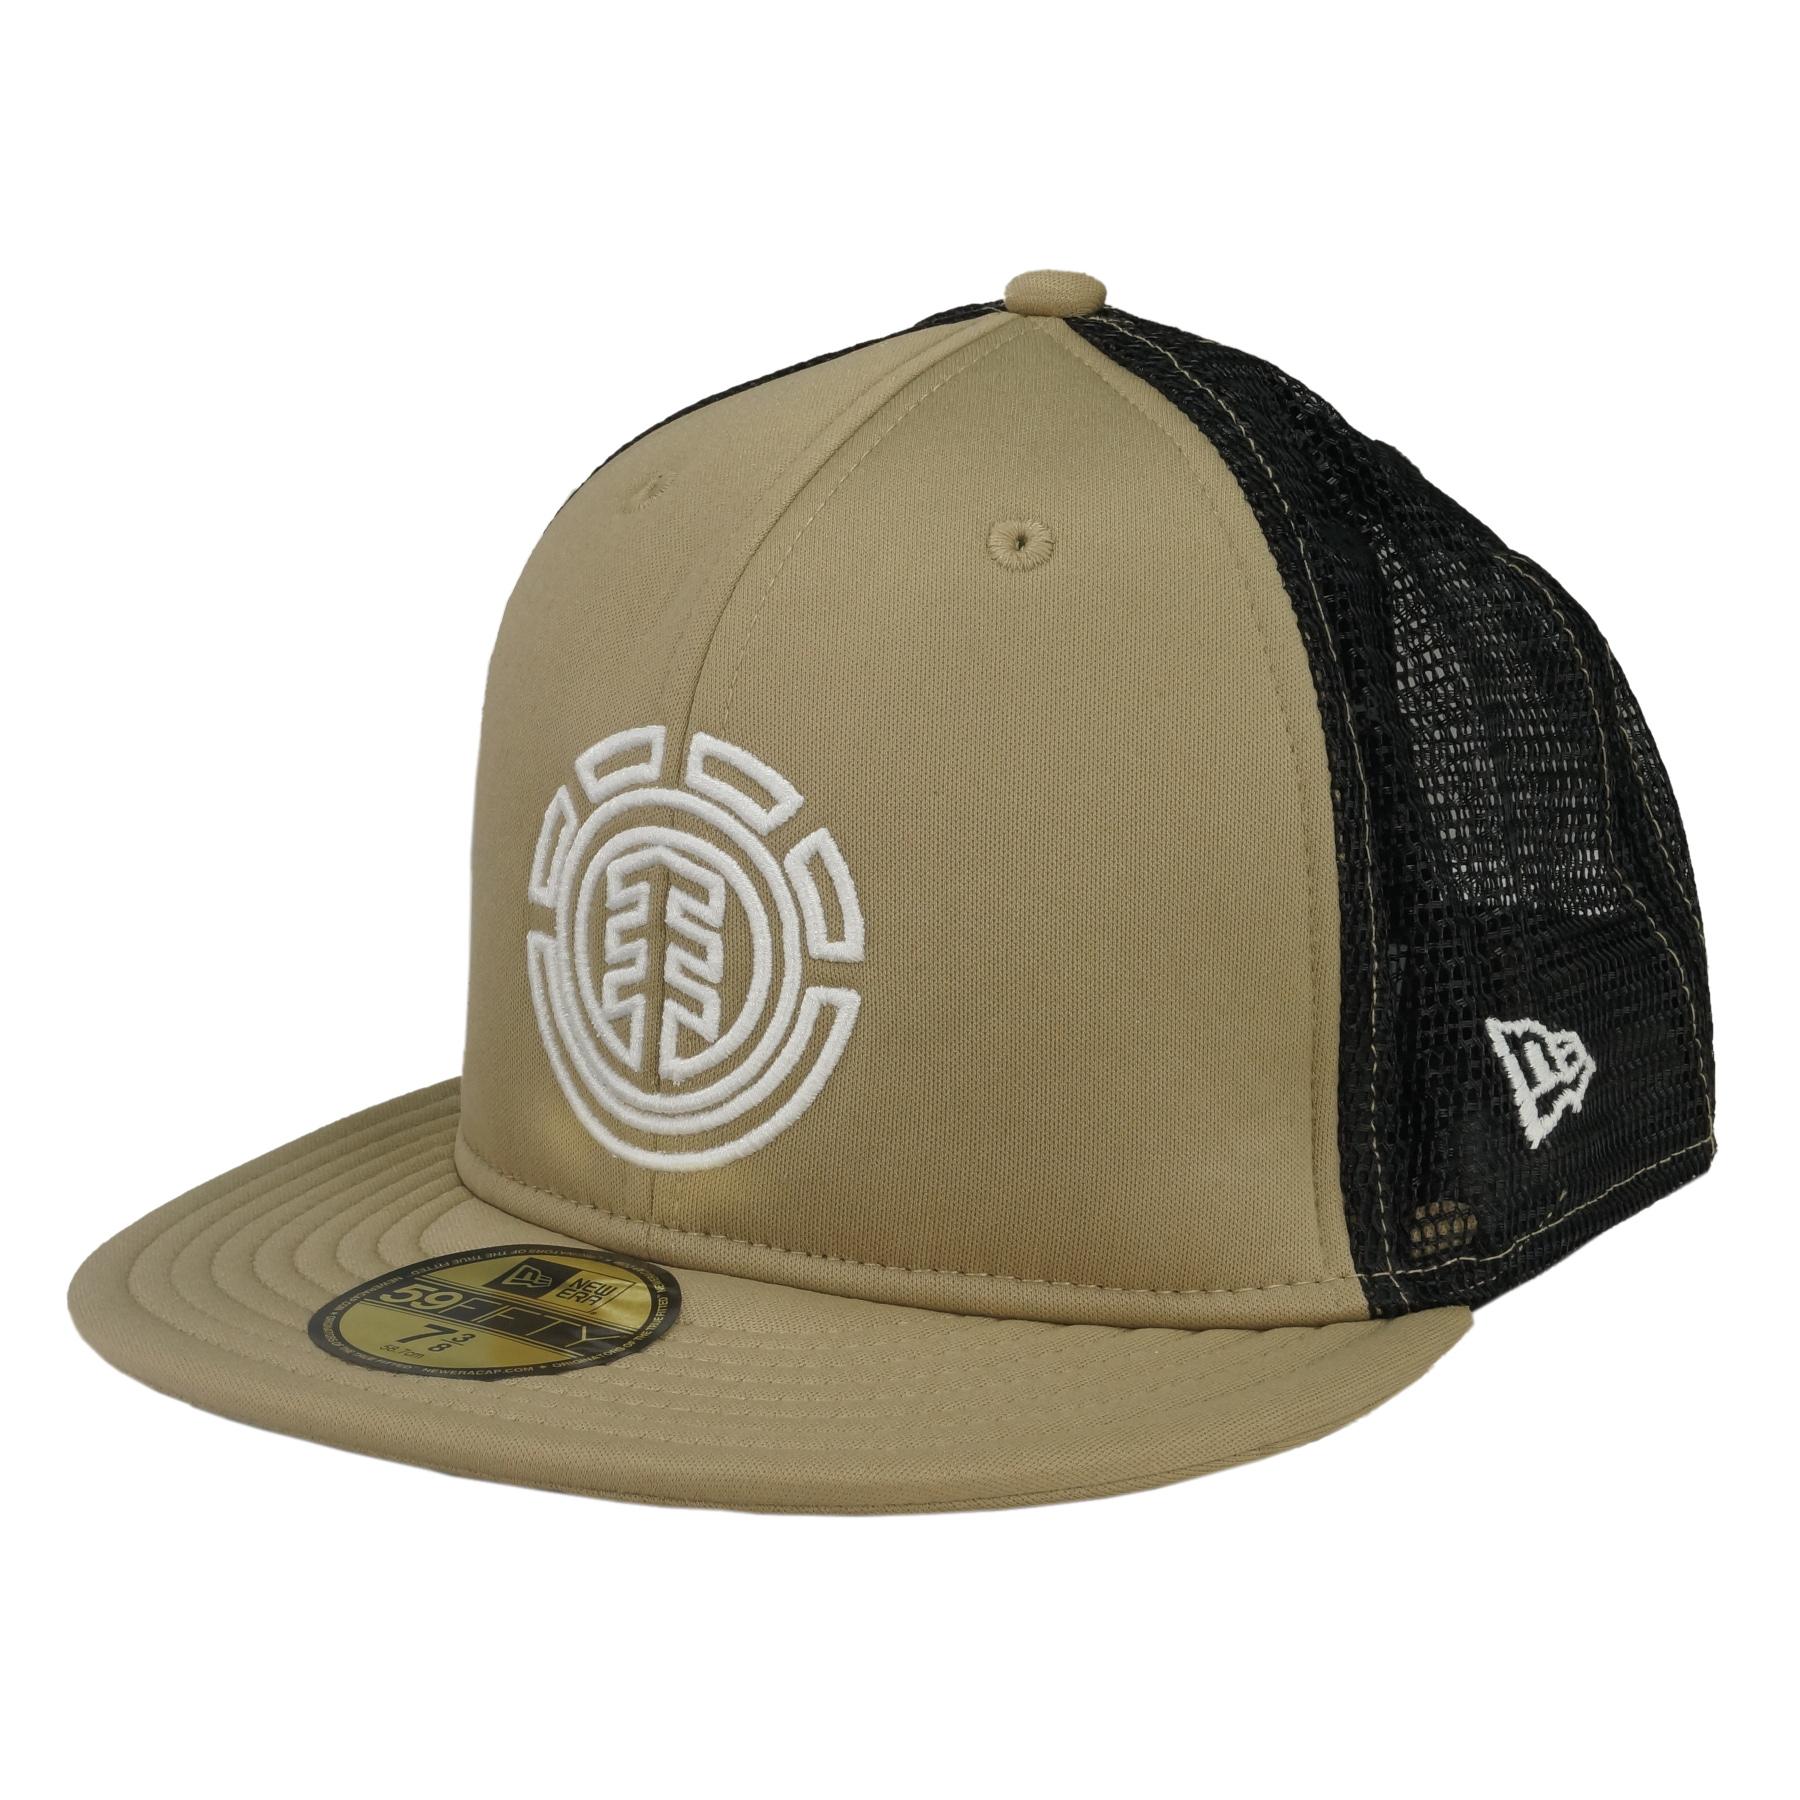 element bolton cap new era 59fifty herren mesh cap hat. Black Bedroom Furniture Sets. Home Design Ideas